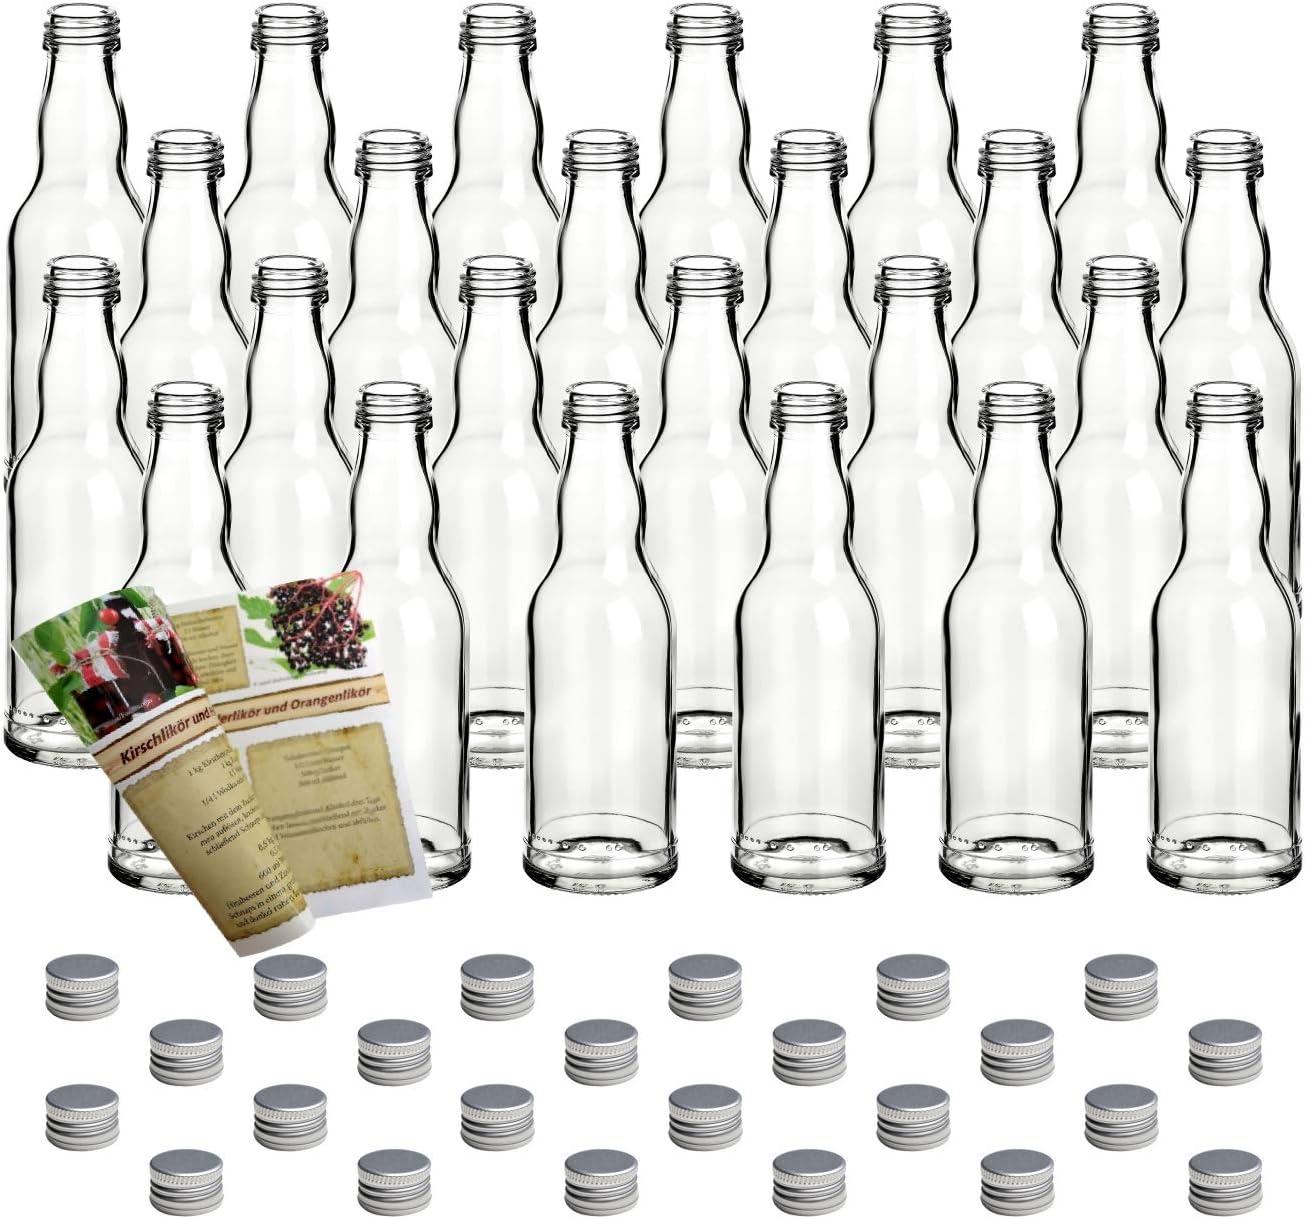 gouveo Juego de 24 botellas vacías de cristal de 200 ml con tapón de rosca plateado y folleto de recetas de 28 páginas (idioma español no garantizado).